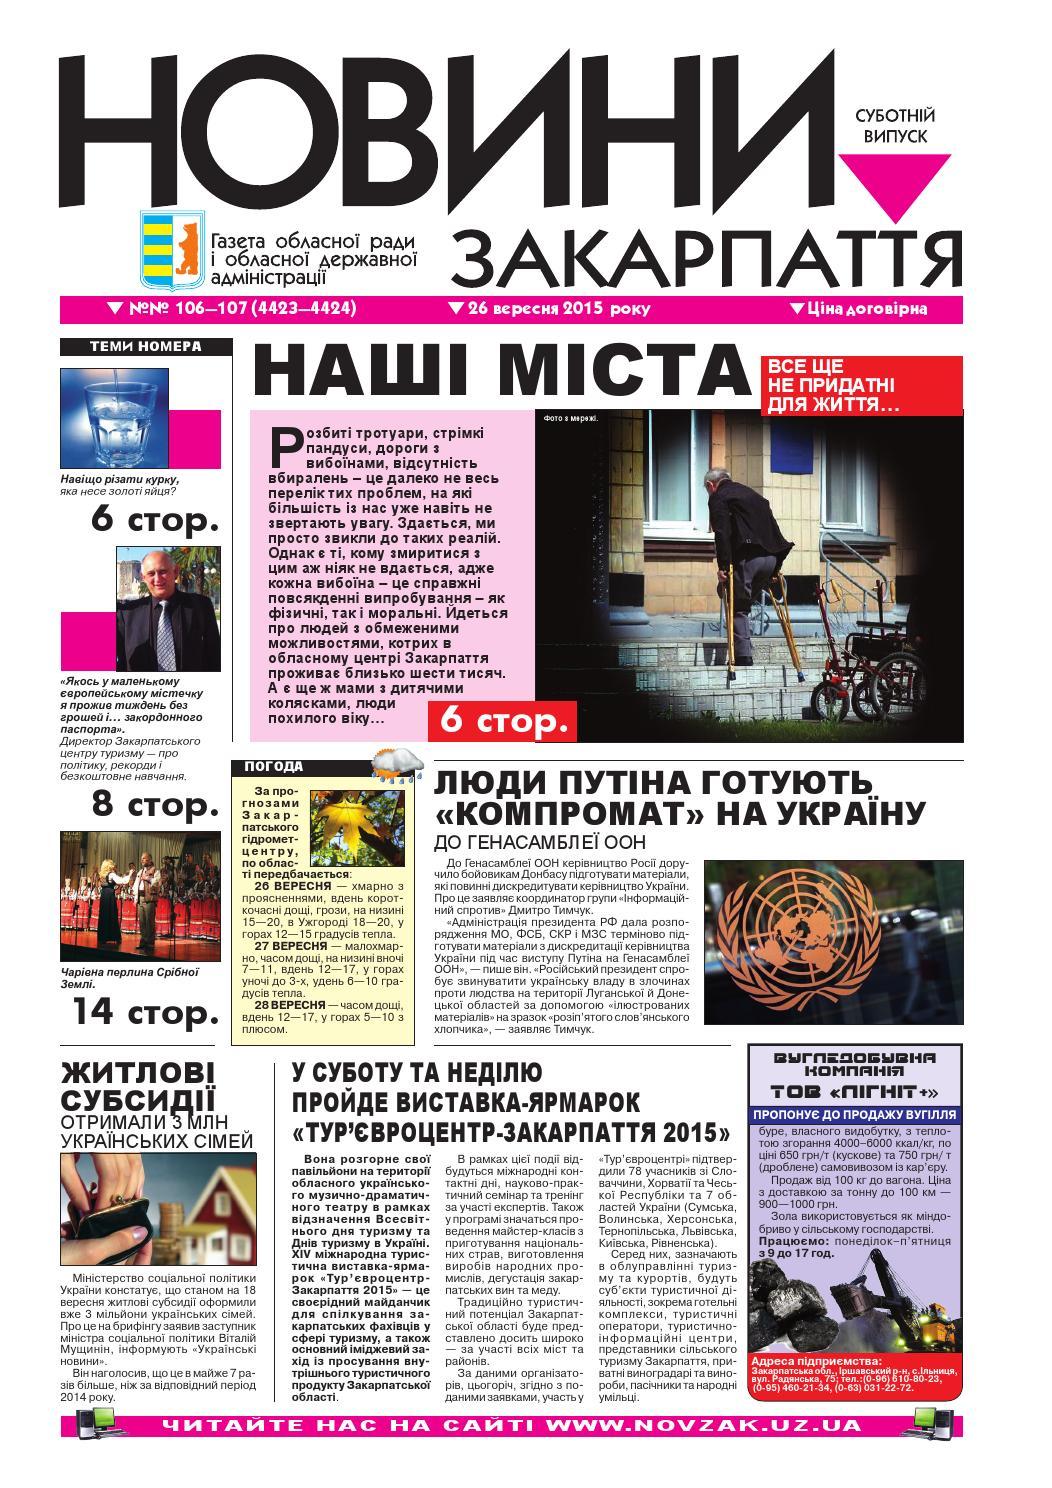 Novini 26 09 2015 №№ 106—107 (4423—4424) by Новини Закарпаття - issuu 6856dbe0a84a9